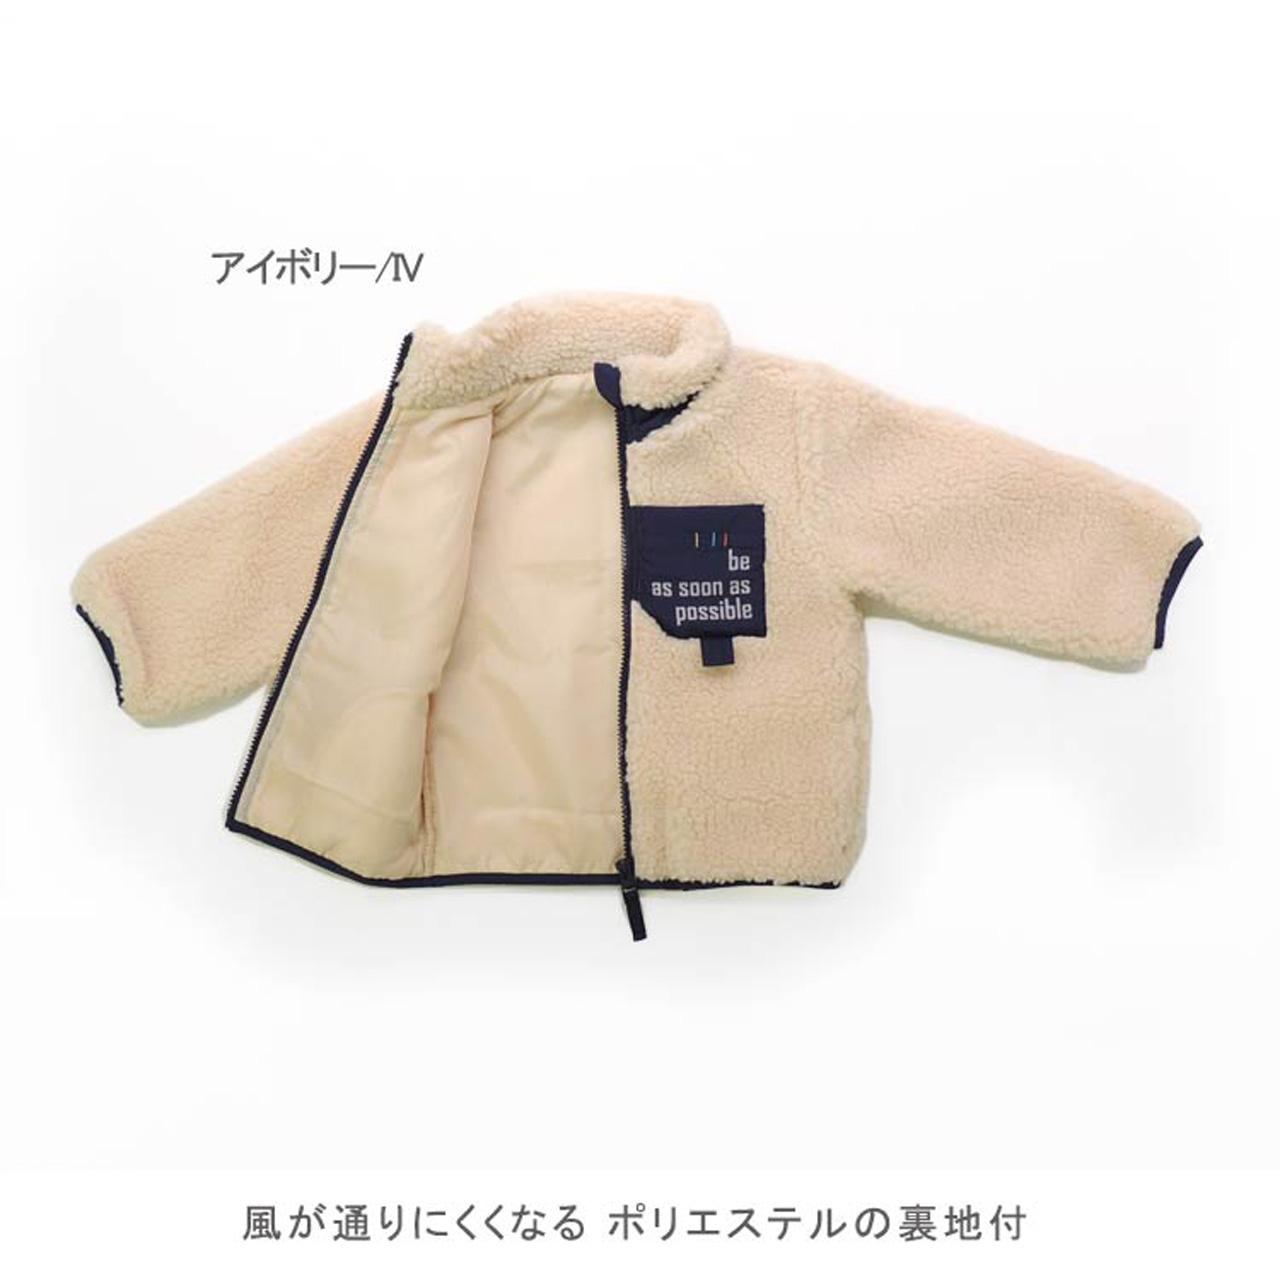 【秋冬】裏タフタボアジャケット